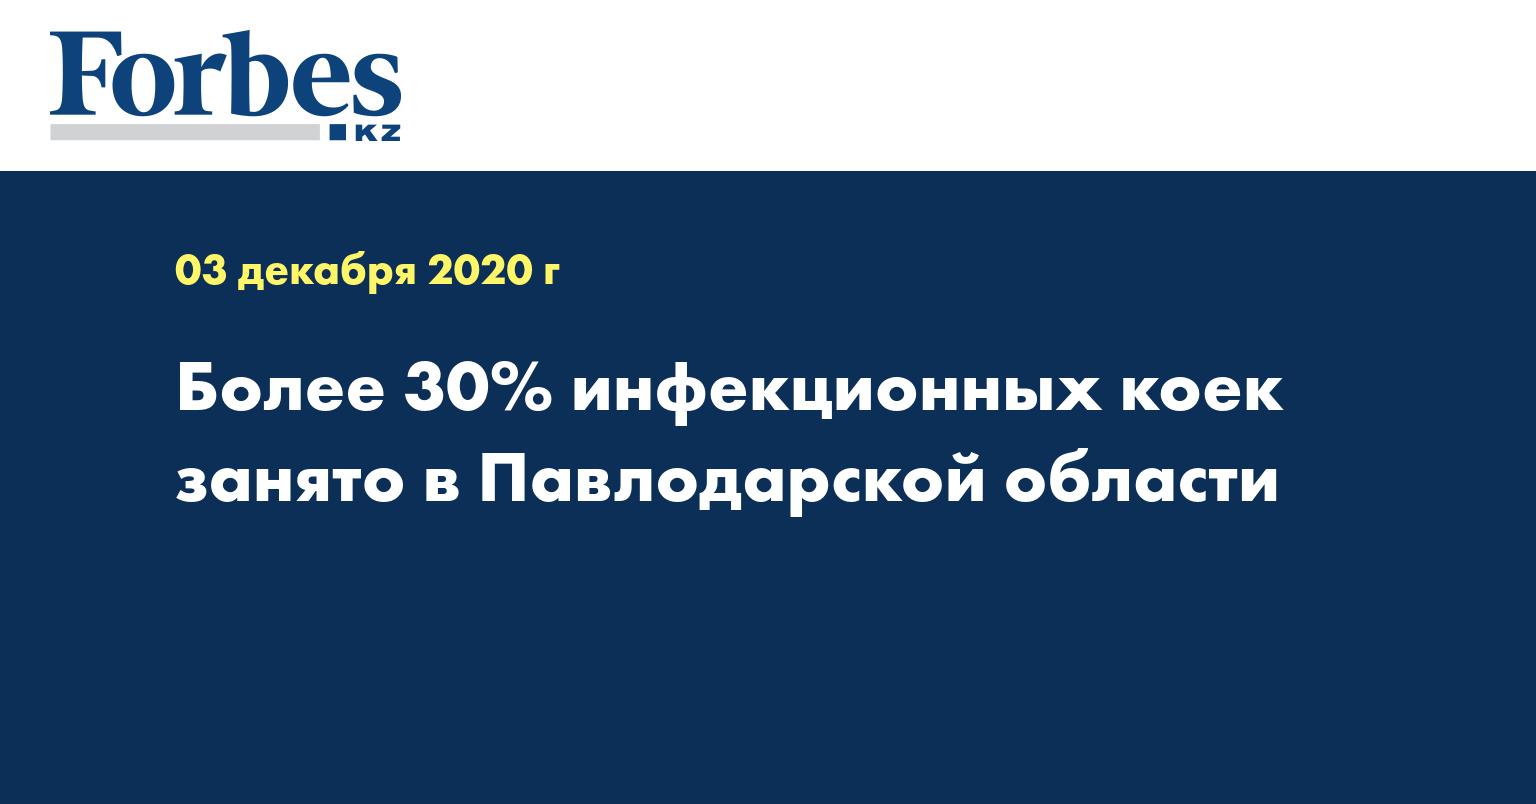 Более 30% инфекционных коек занято в Павлодарской области